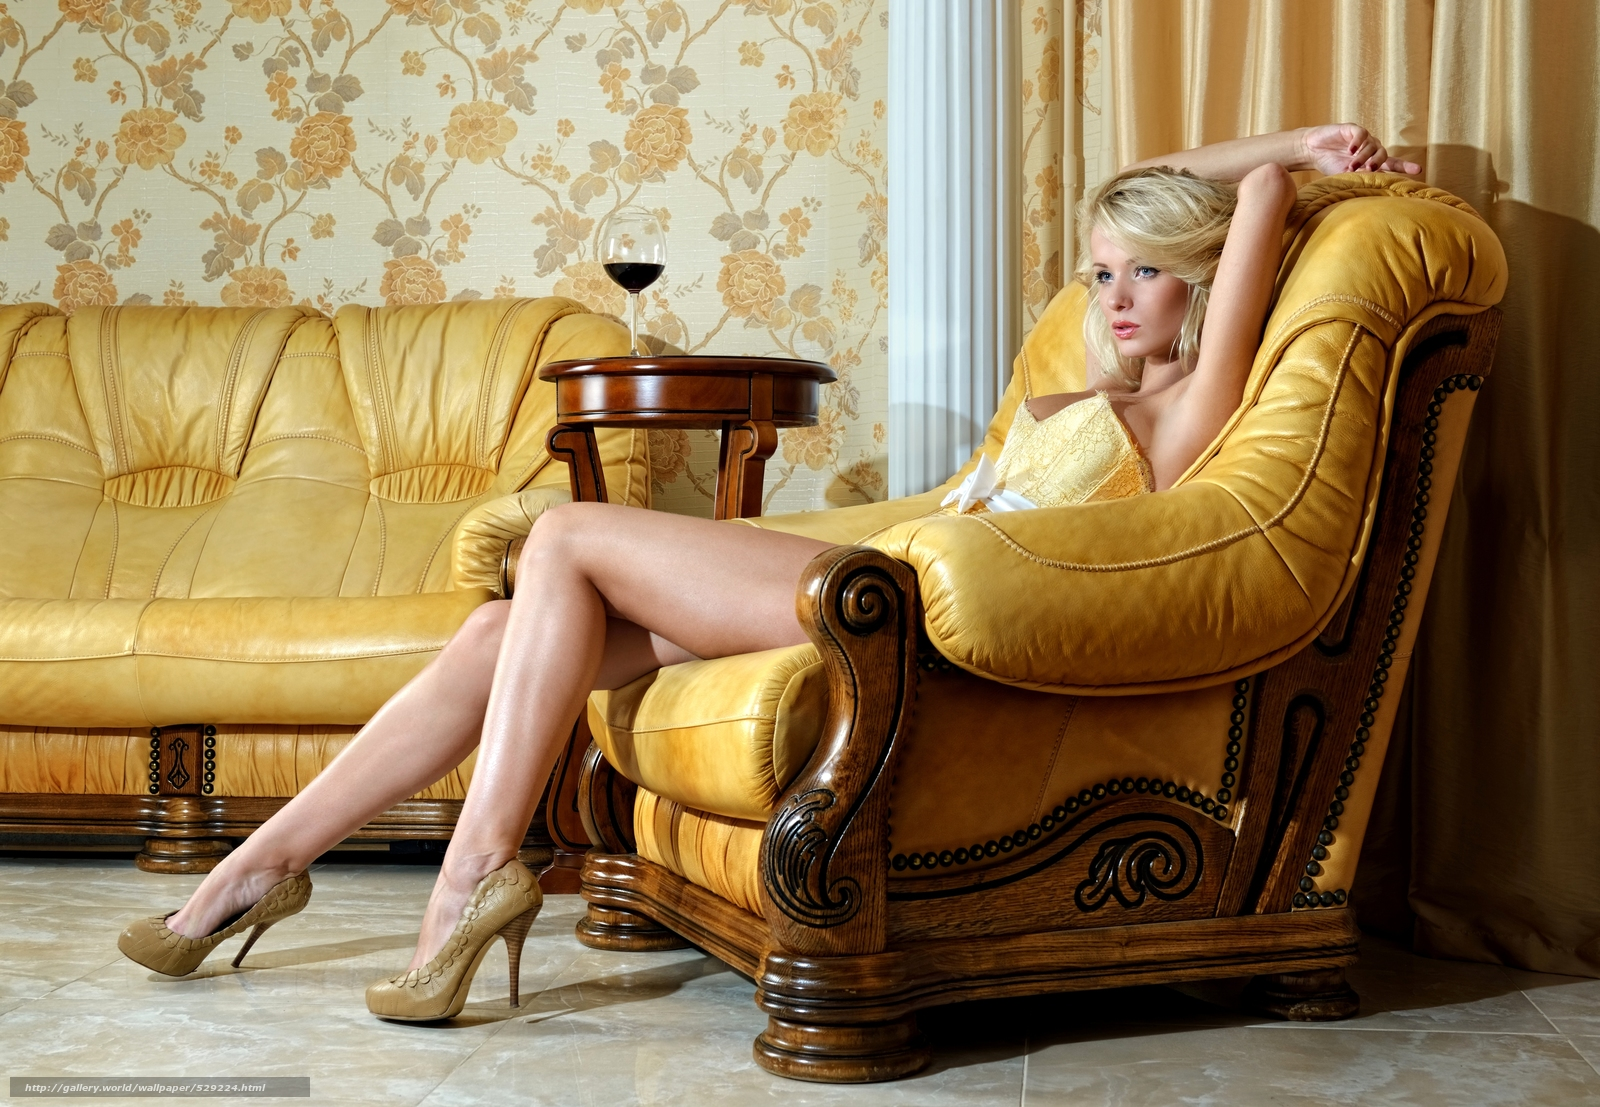 Шикарные женские ноги фото обои 5 фотография